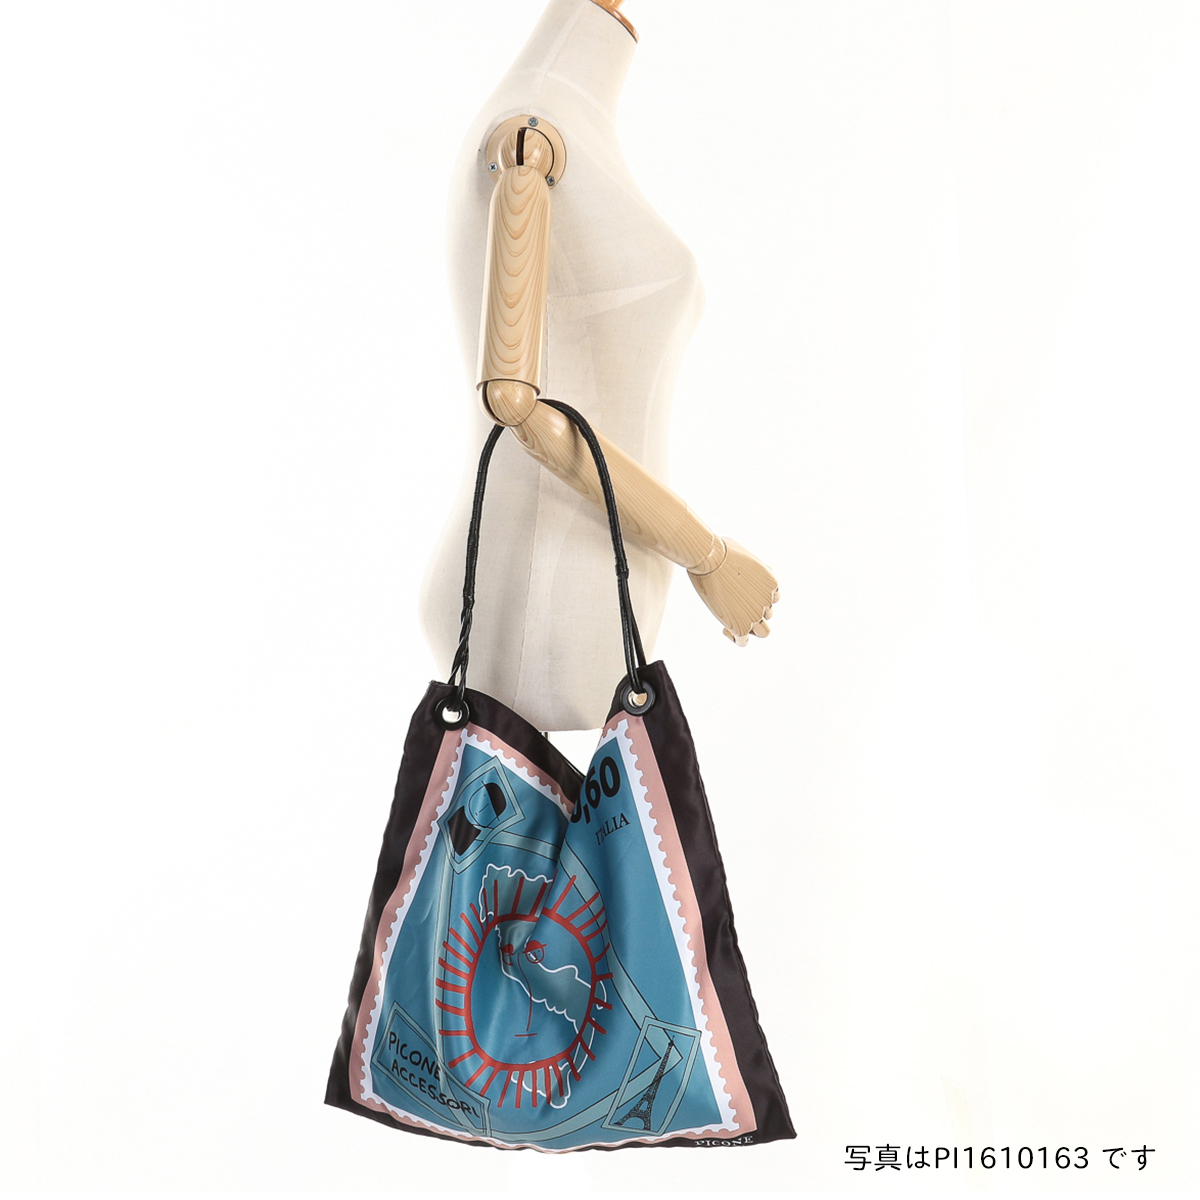 ピッコーネ アッチェッソーリ スカーフプリント 肩掛けバッグ ポリエステル製 レザー風ハンドル